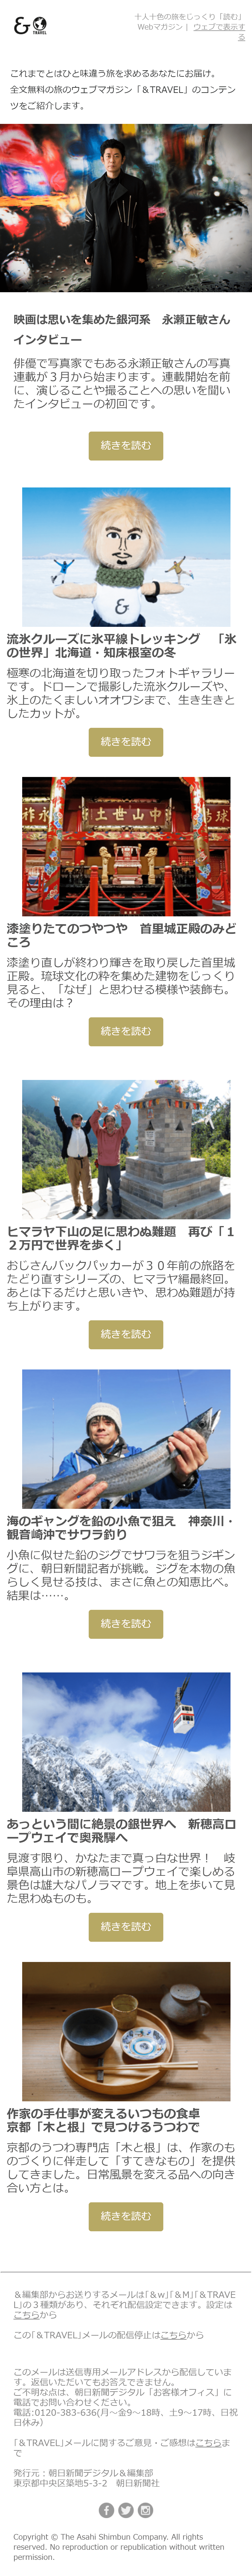 朝日新聞デジタル&TRAVEL(アンド・トラベル)のメールのサンプル